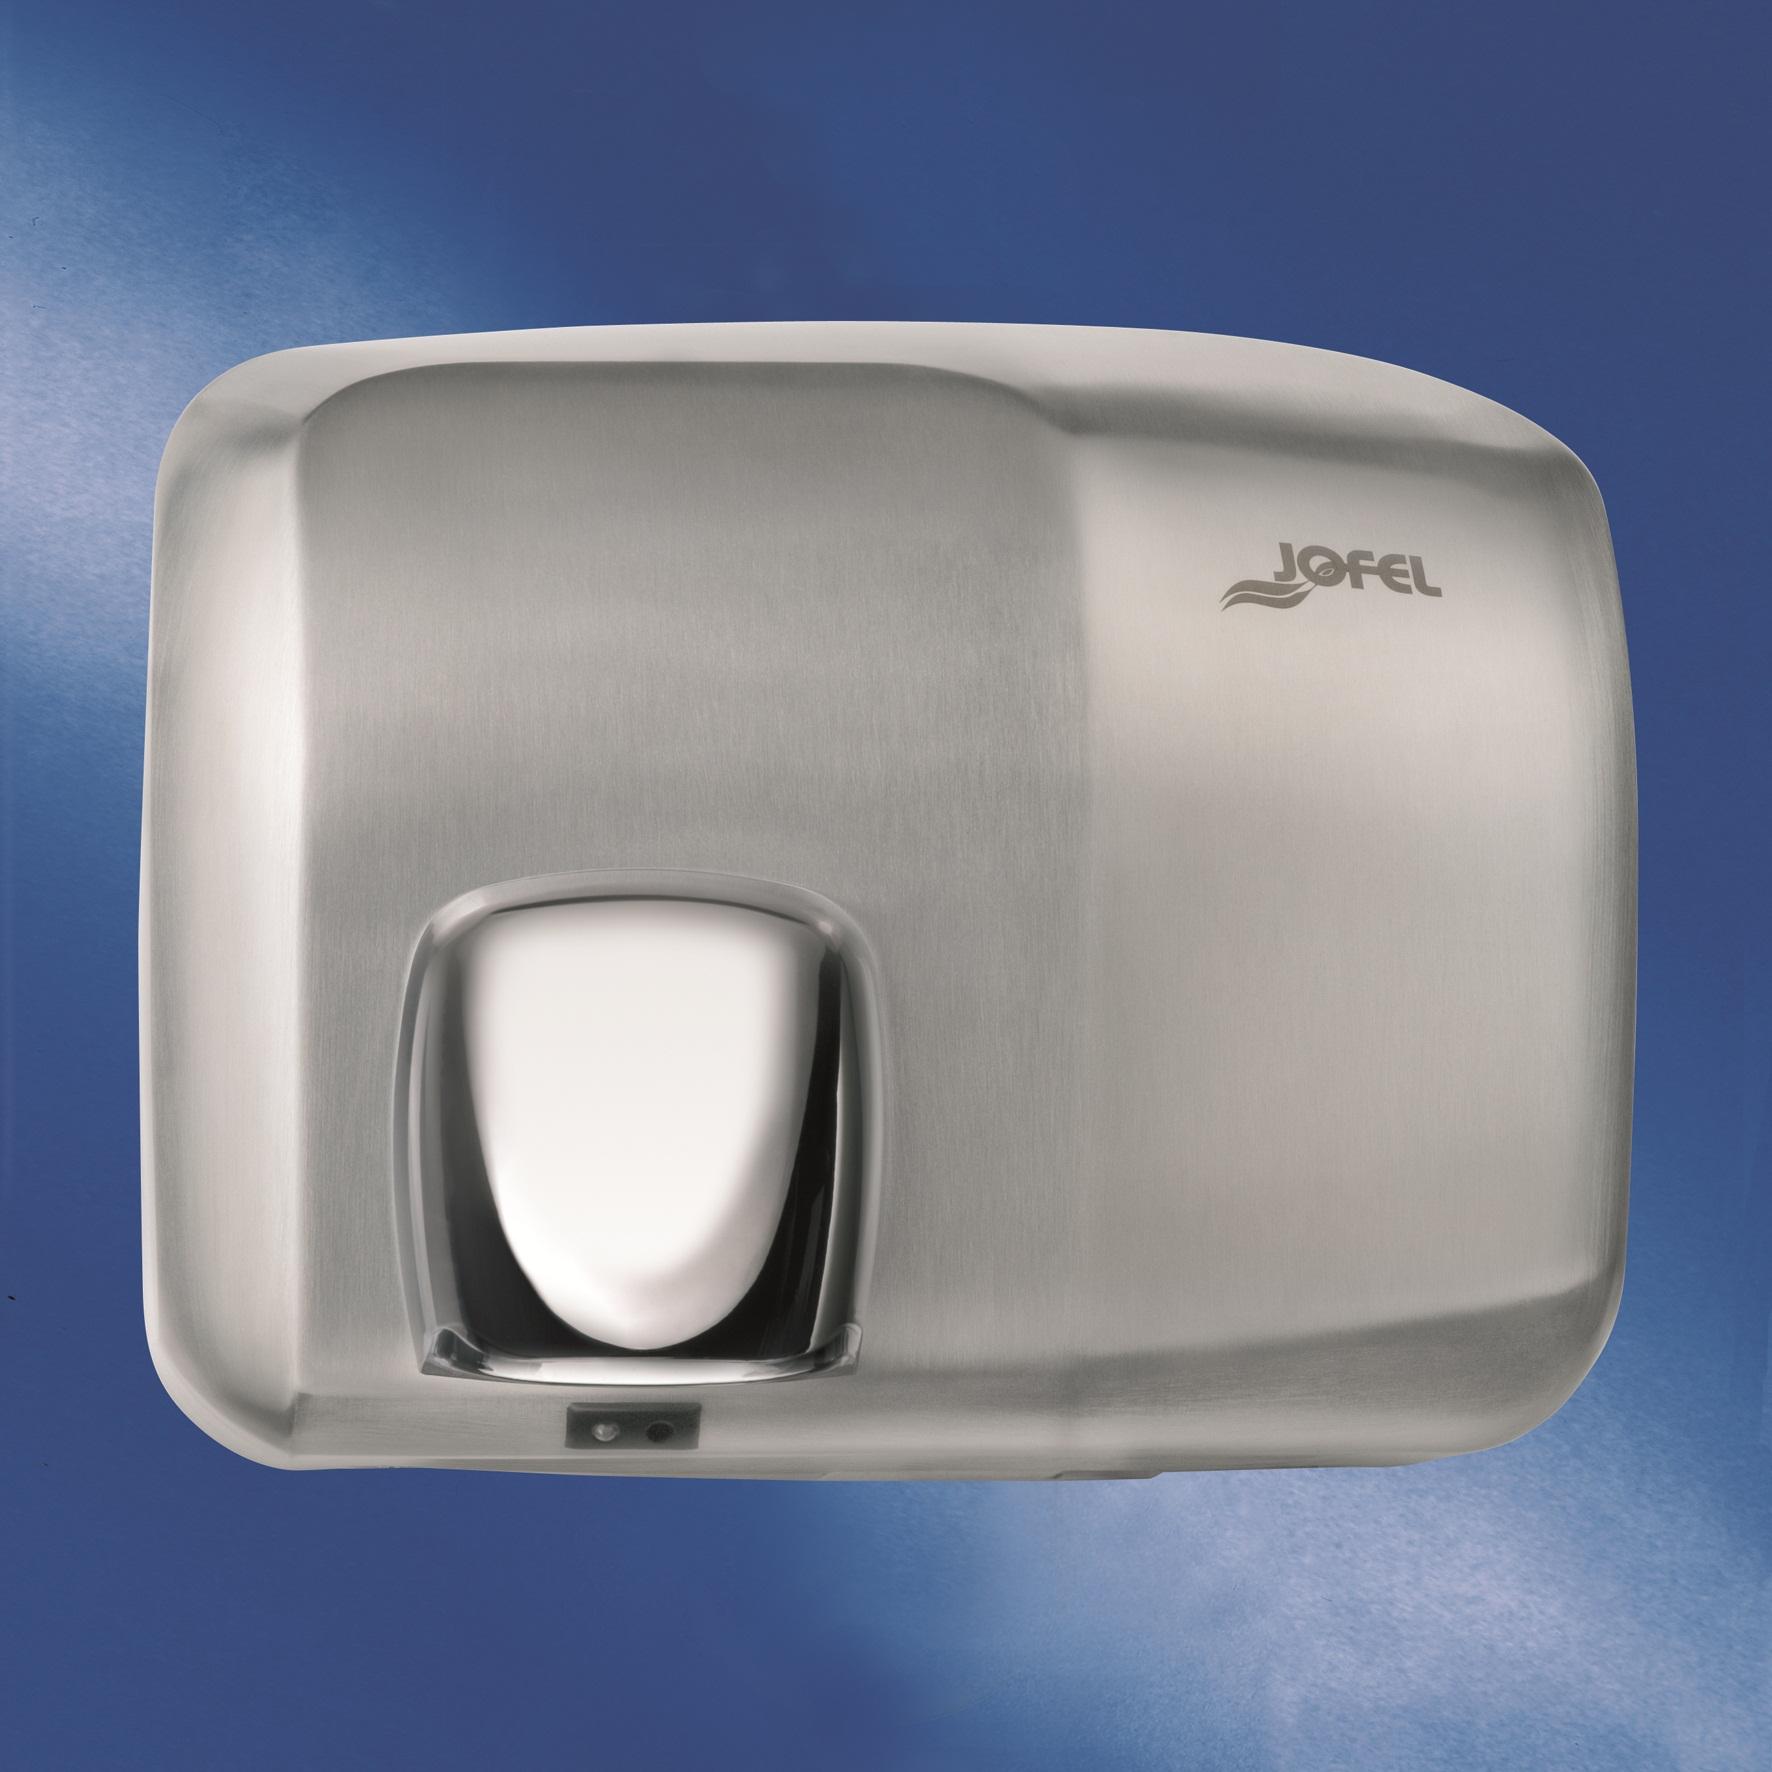 Автоматическая сушилка для рук своими руками